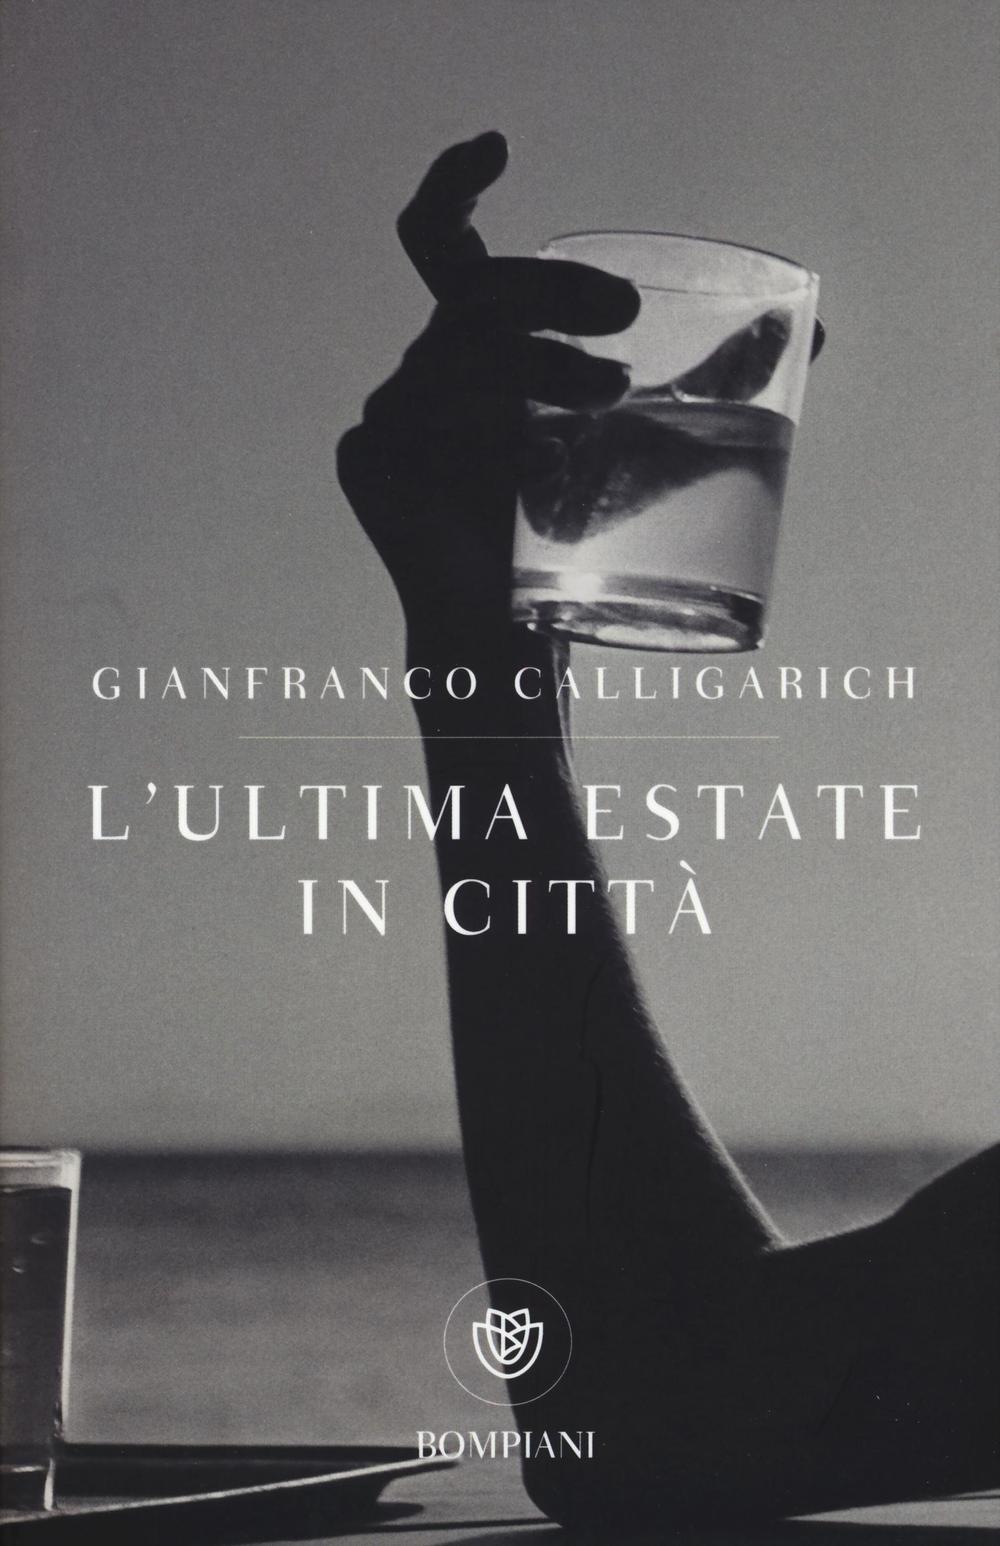 L'ultima estate in città – Gianfranco Calligarich | Gli Amanti dei Libri